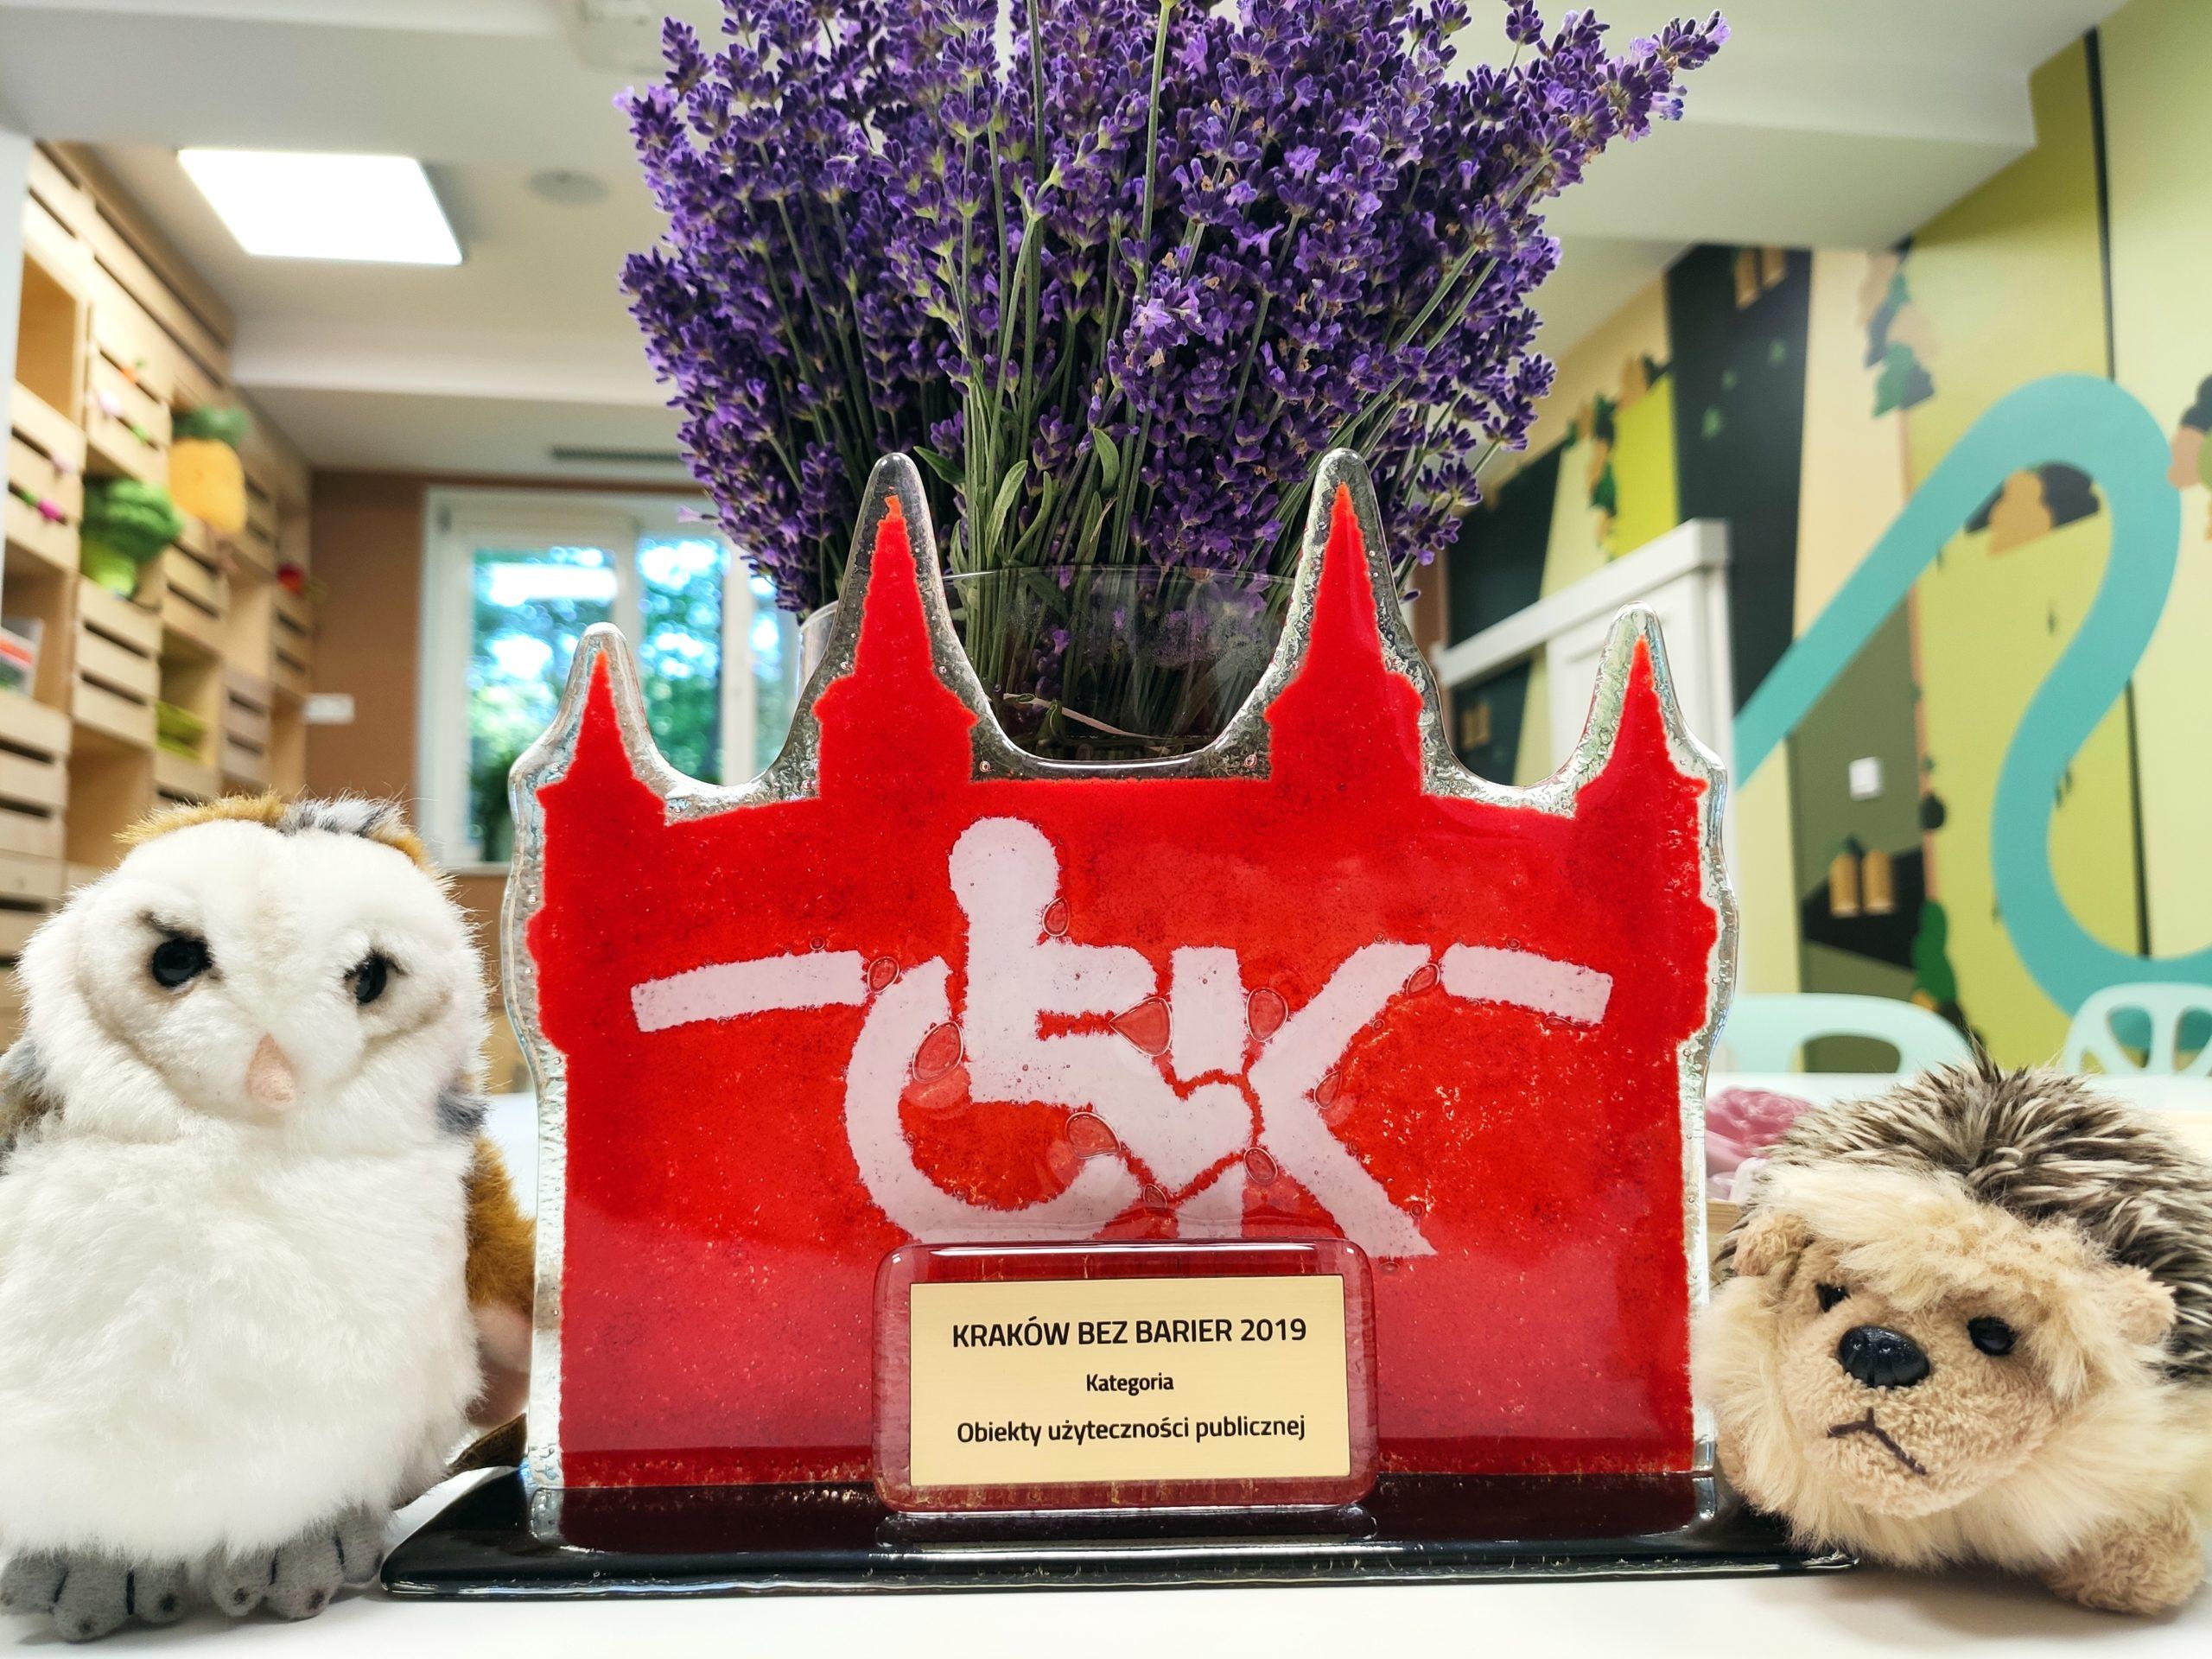 Zdjęcie przedstawiające nagrodę Kraków bez Barier 2019 - obiekty użyteczności publicznej z pluszową sową i jeżem po obu stronach